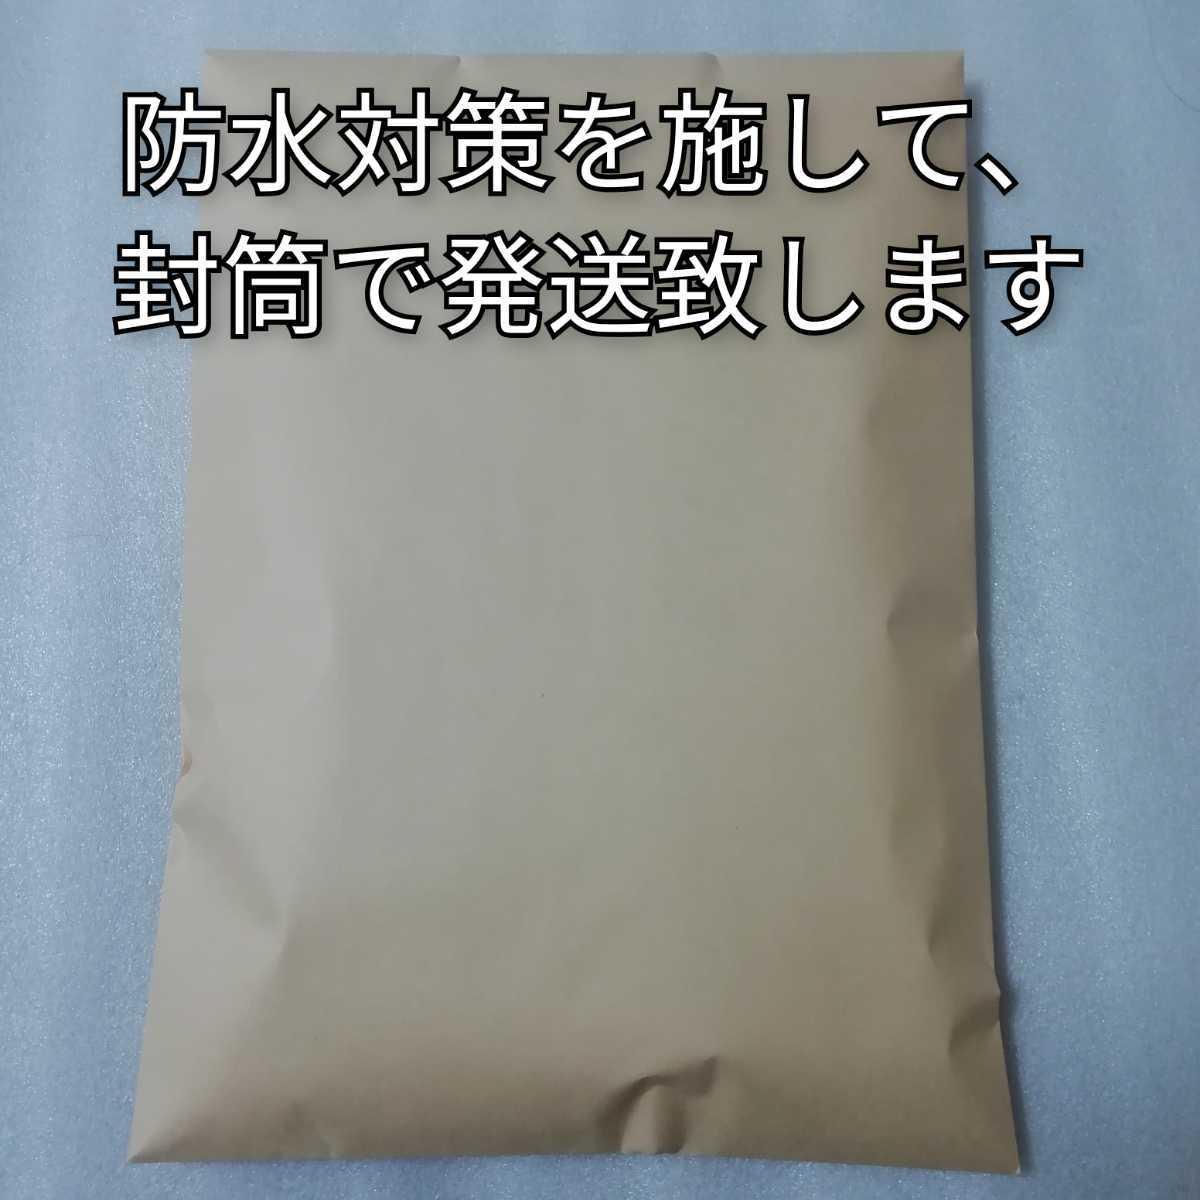 3種類18袋 澤井珈琲 ドリップコーヒー ビクトリーブレンド ブレンドフォルテシモ ビタークラシック_画像2